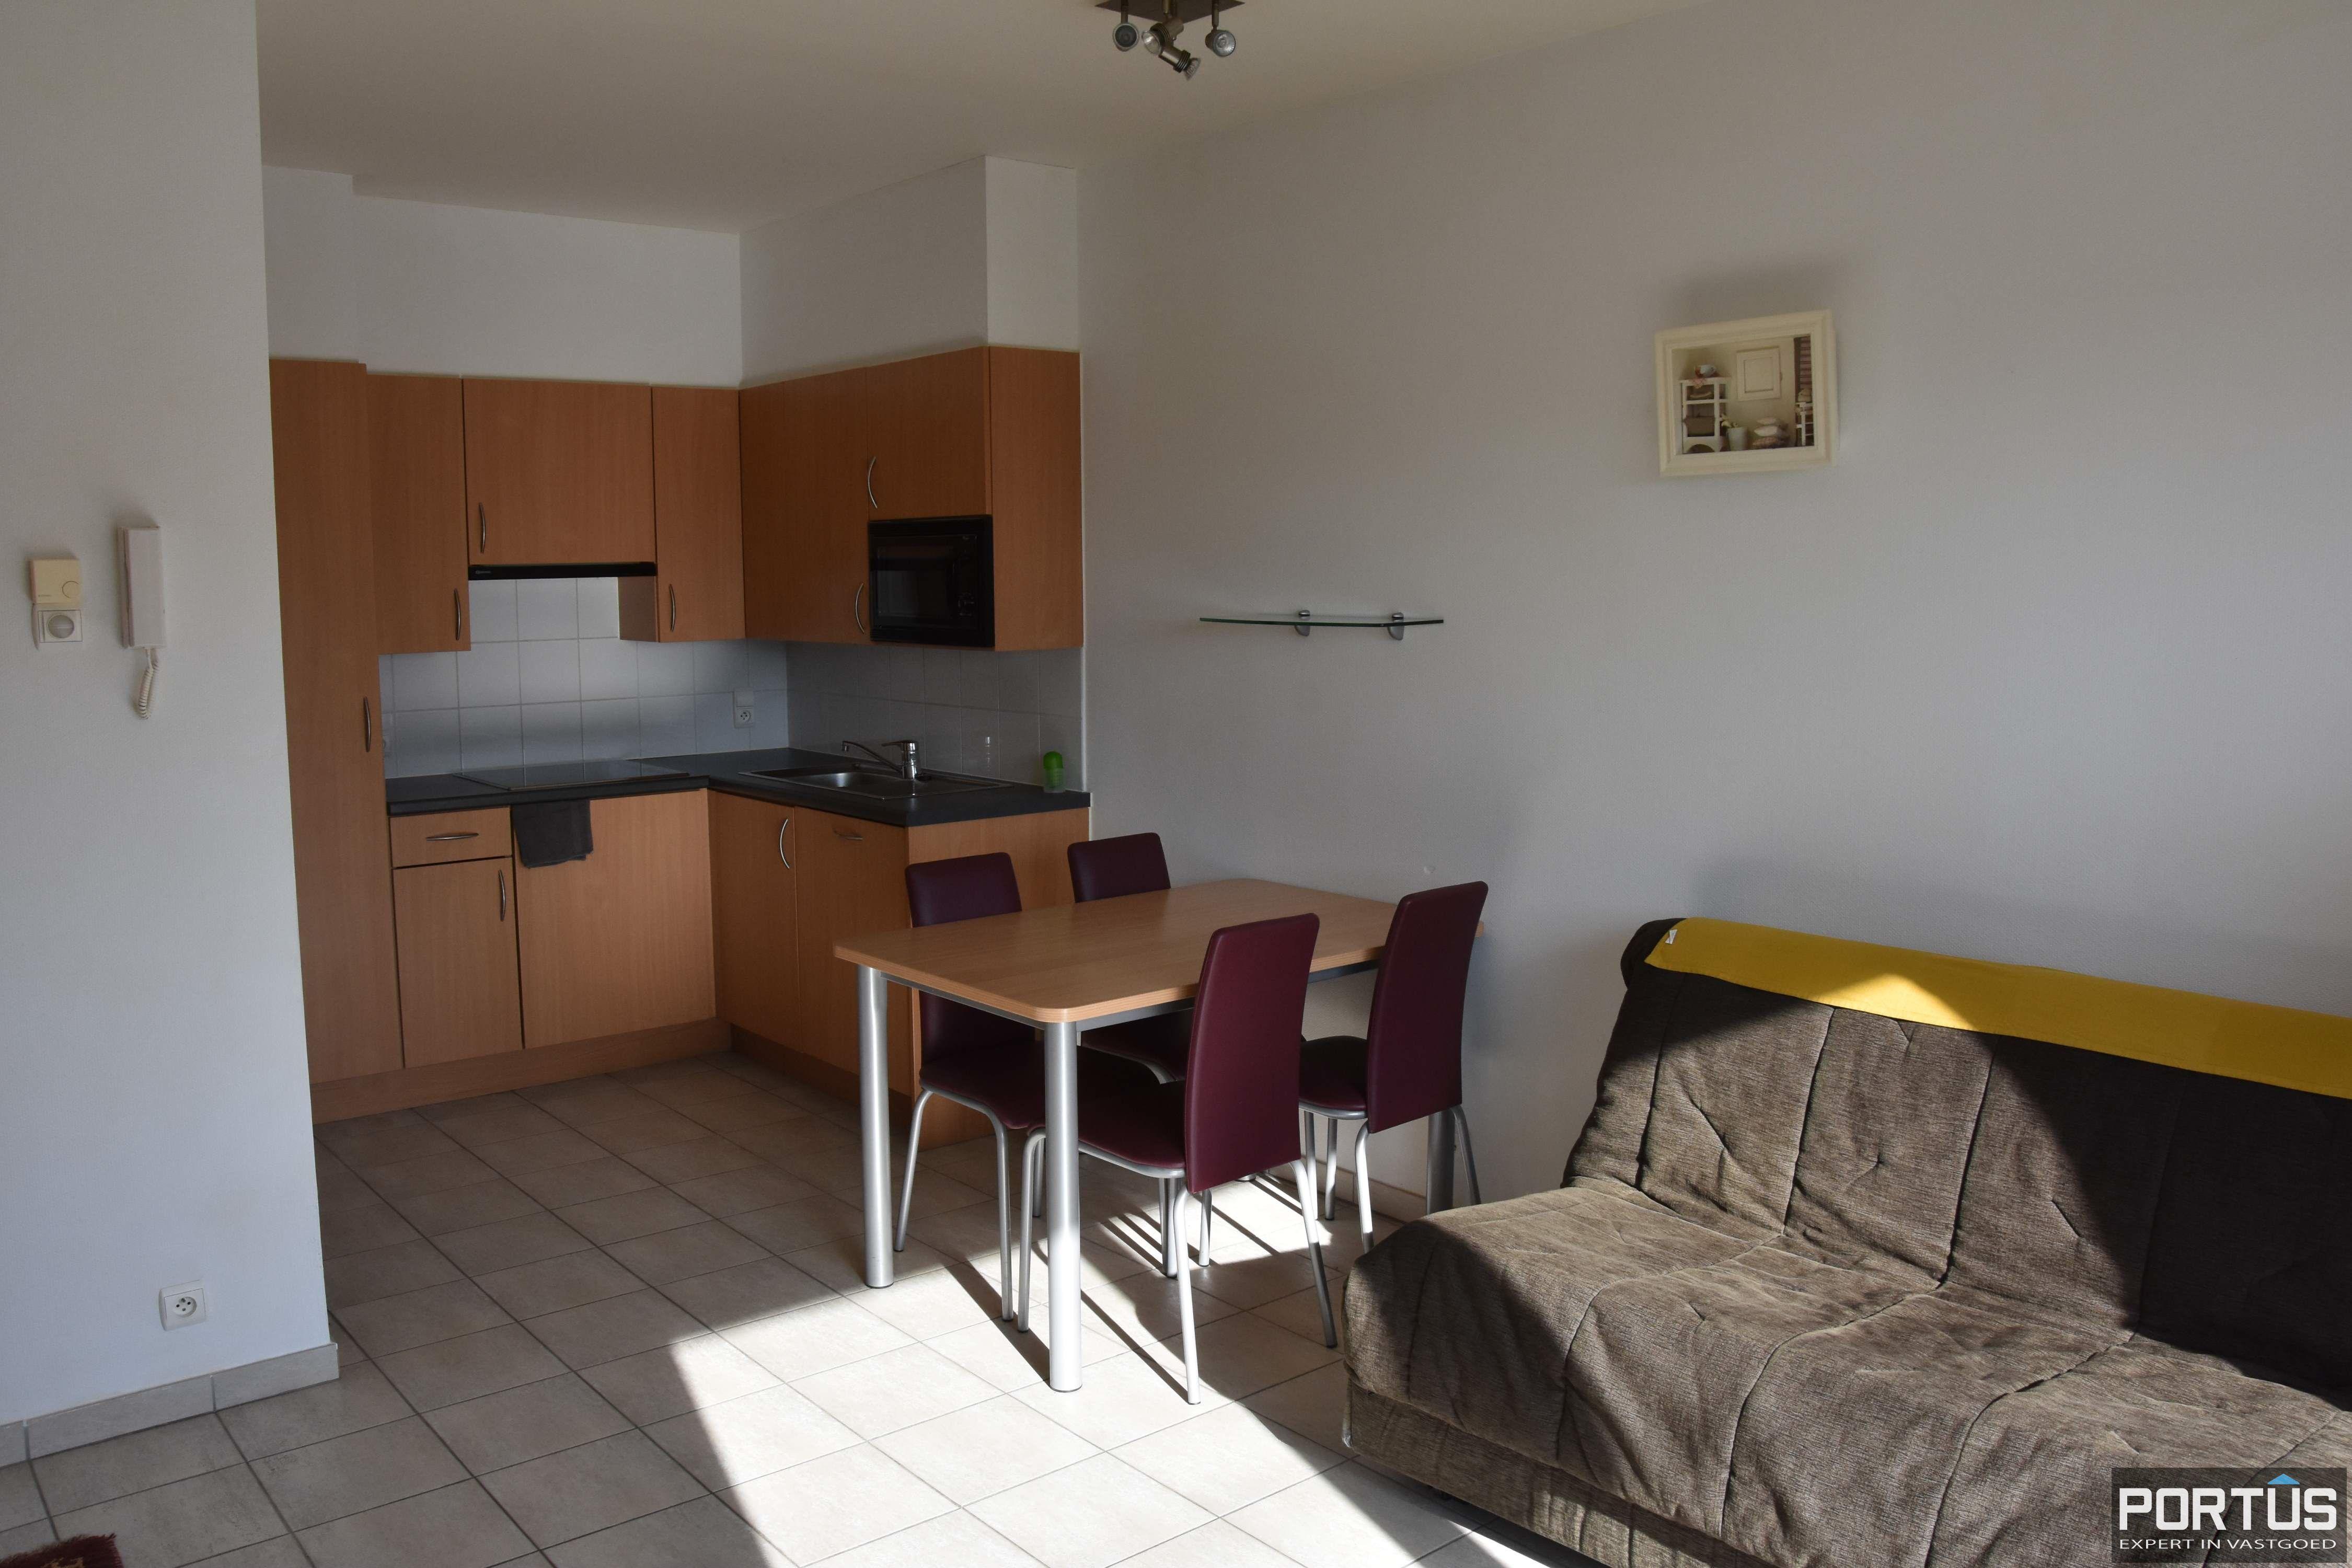 Zeer centraal gelegen appartement te huur met slaaphoek en ruim terras - 9209